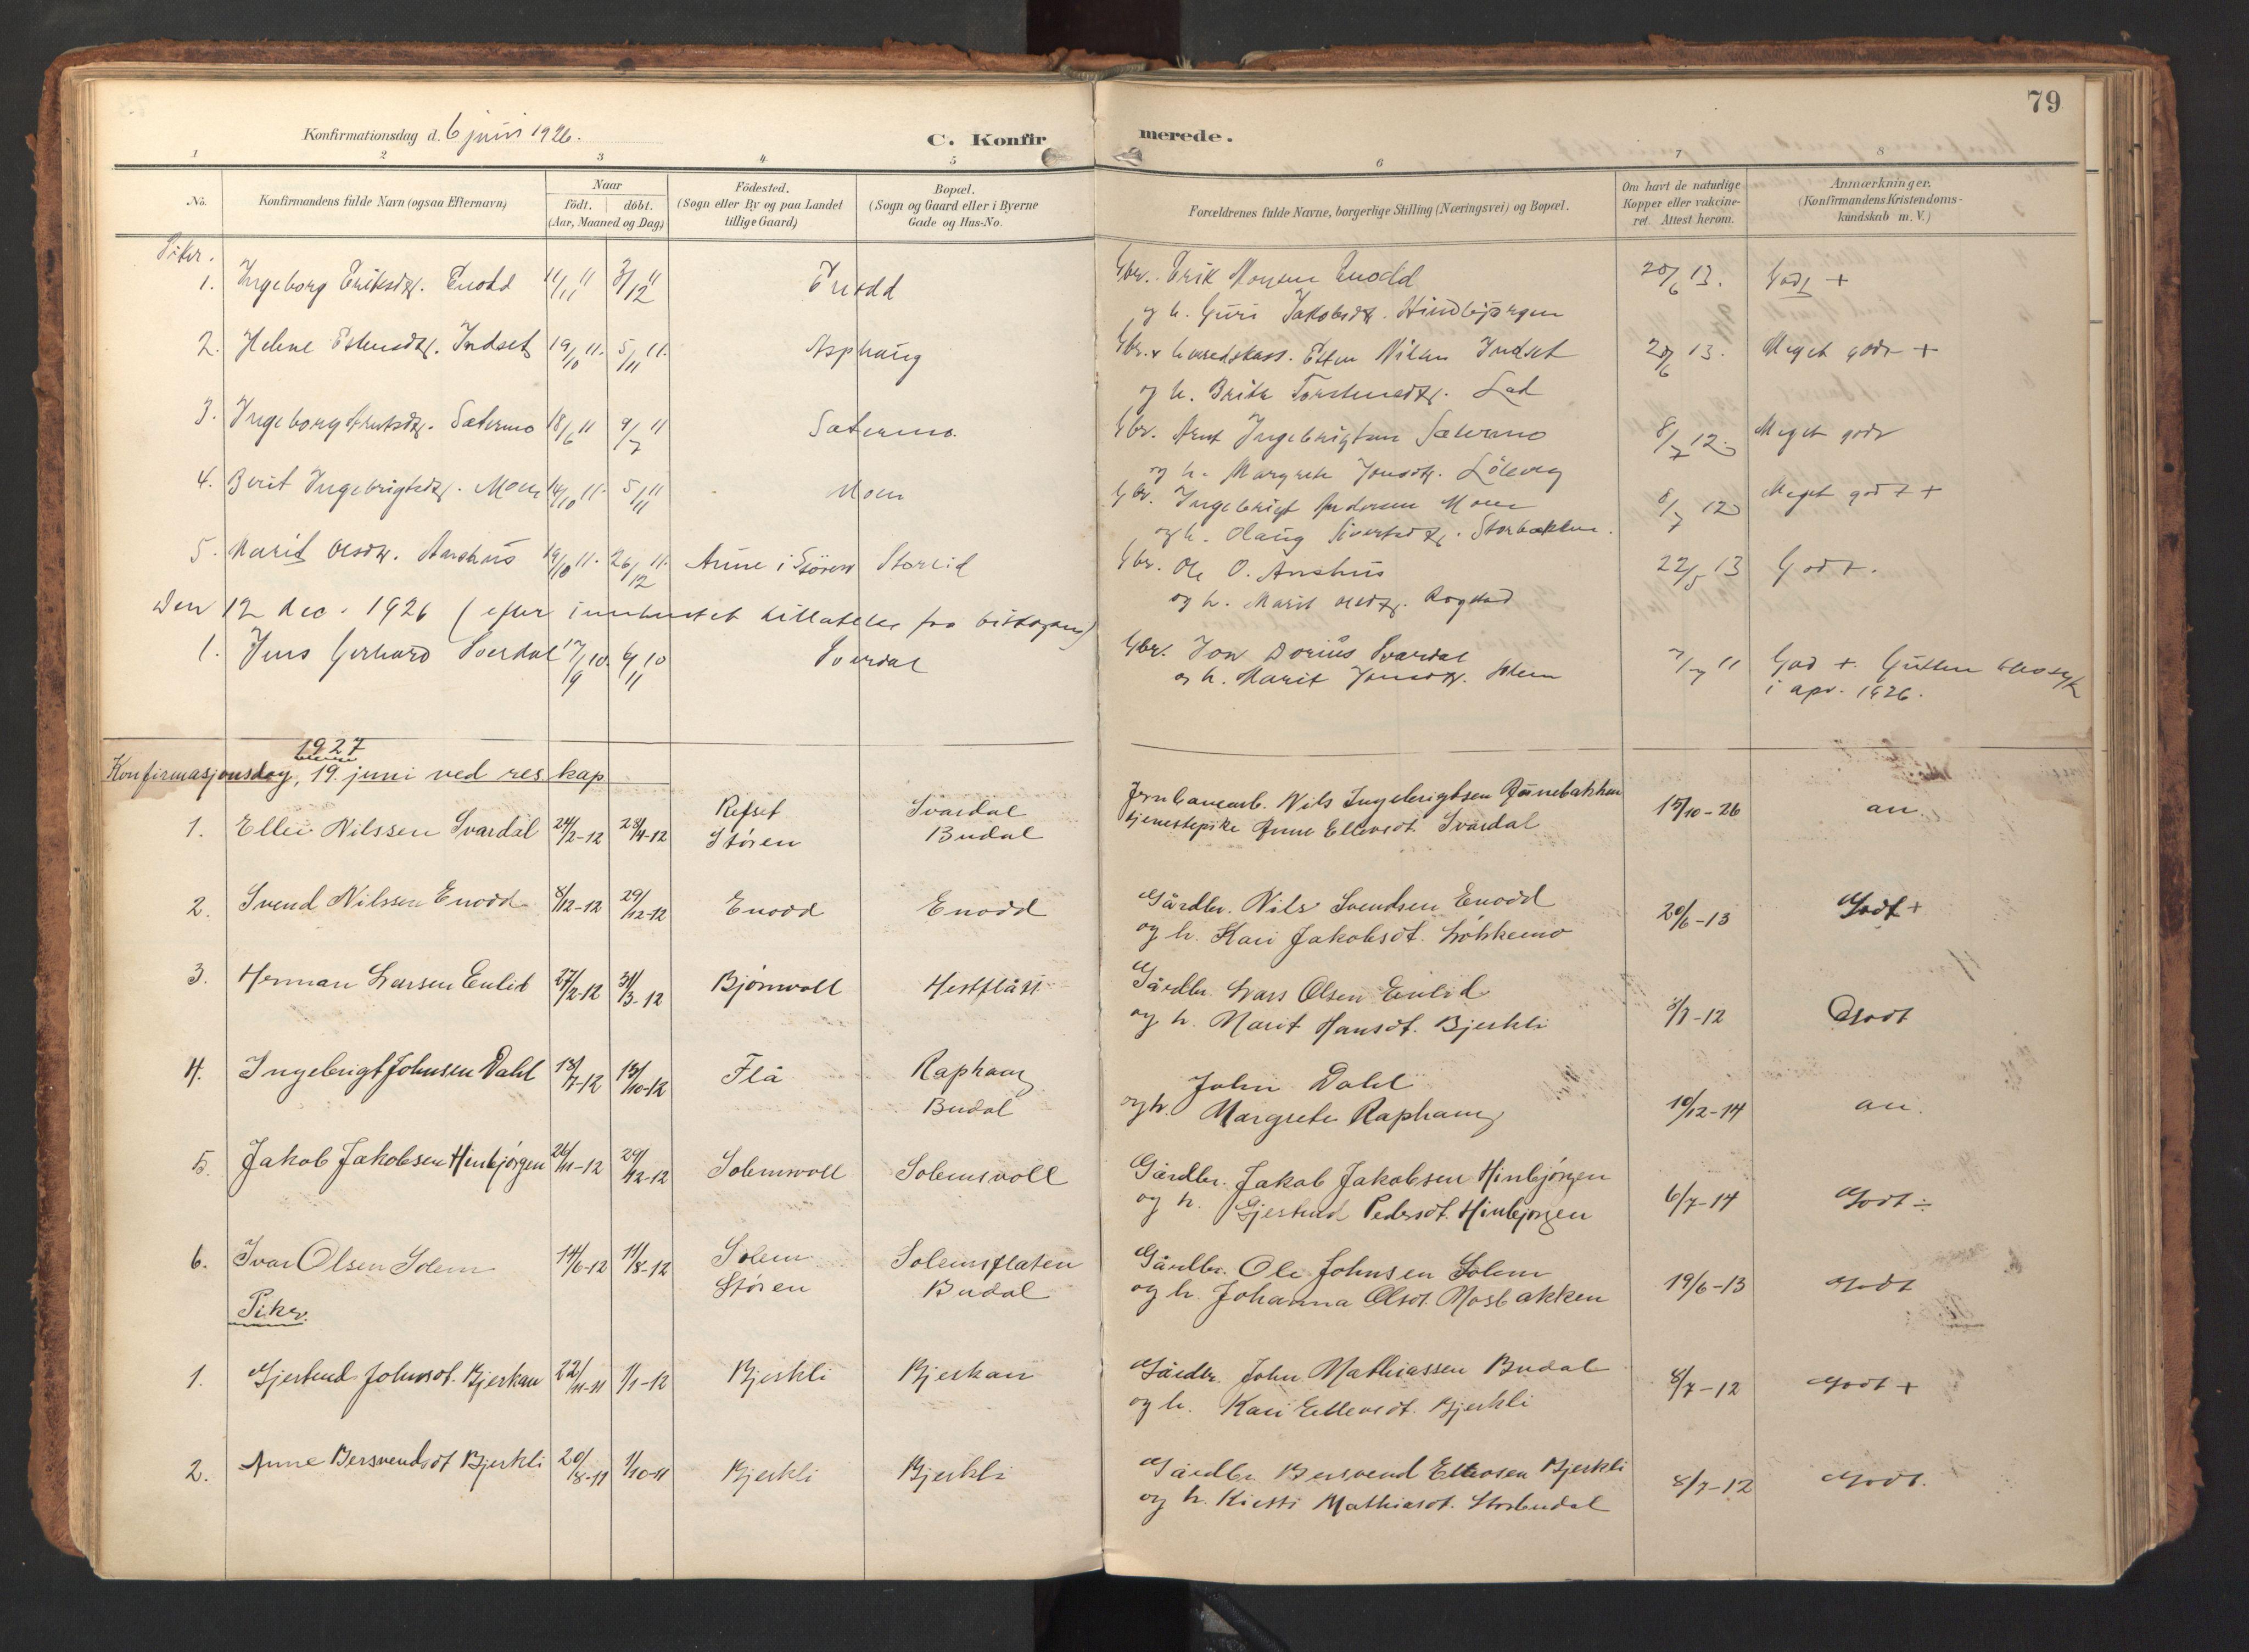 SAT, Ministerialprotokoller, klokkerbøker og fødselsregistre - Sør-Trøndelag, 690/L1050: Ministerialbok nr. 690A01, 1889-1929, s. 79